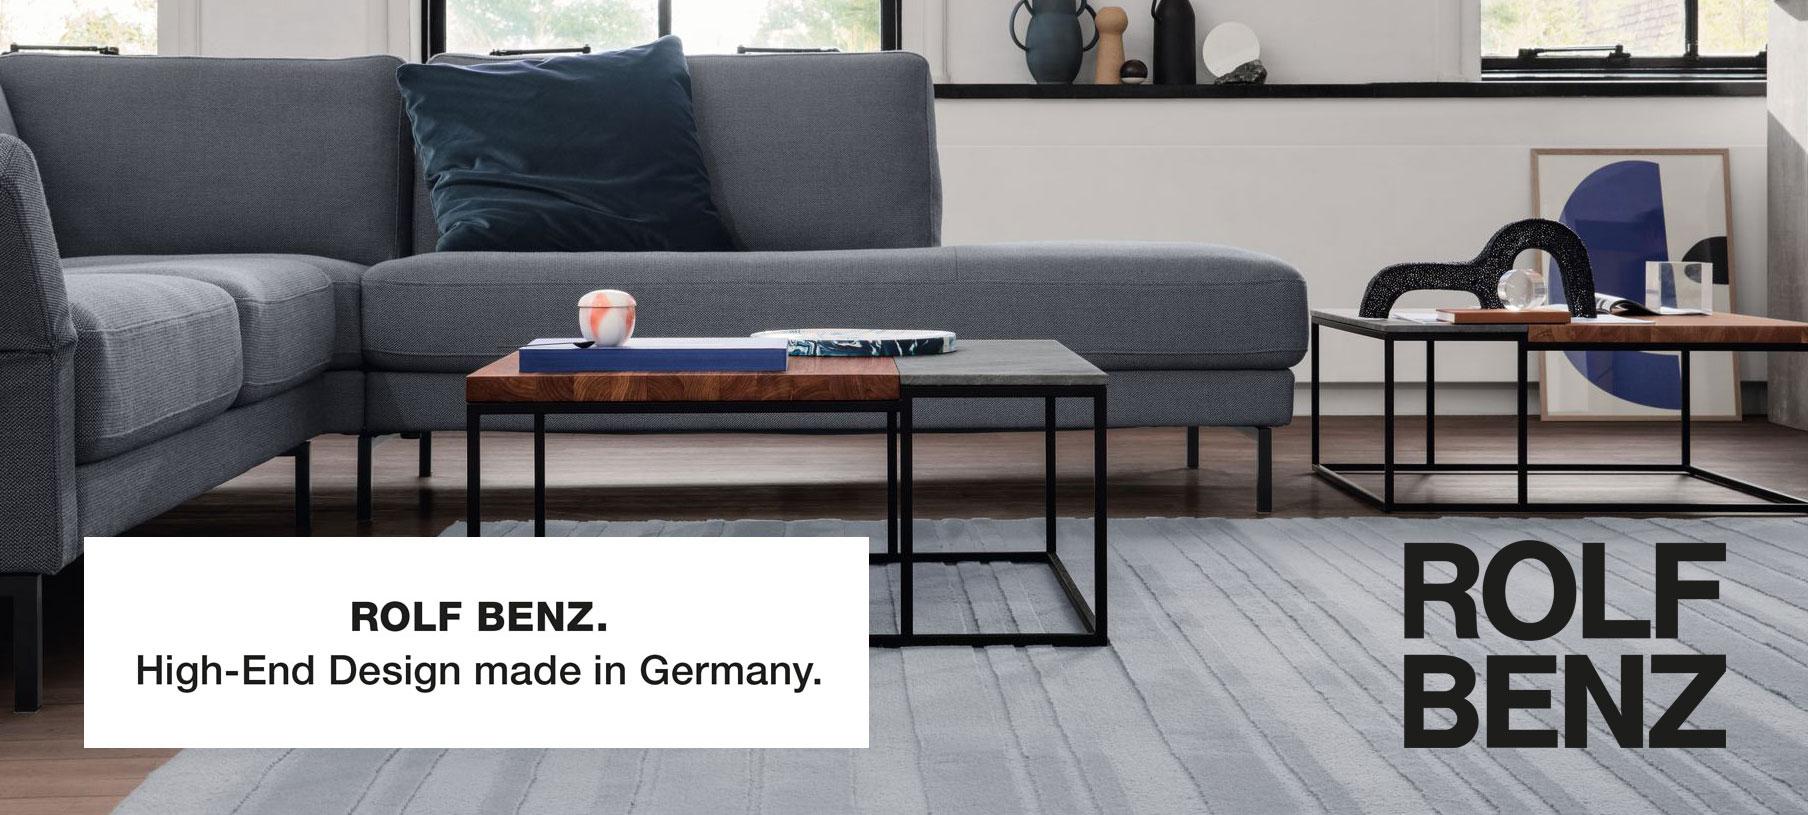 Sie suchen hochwertige Sofas von Rolf Benz? Dann schauen Sie im Wohn Schick Online Shop vorbei!